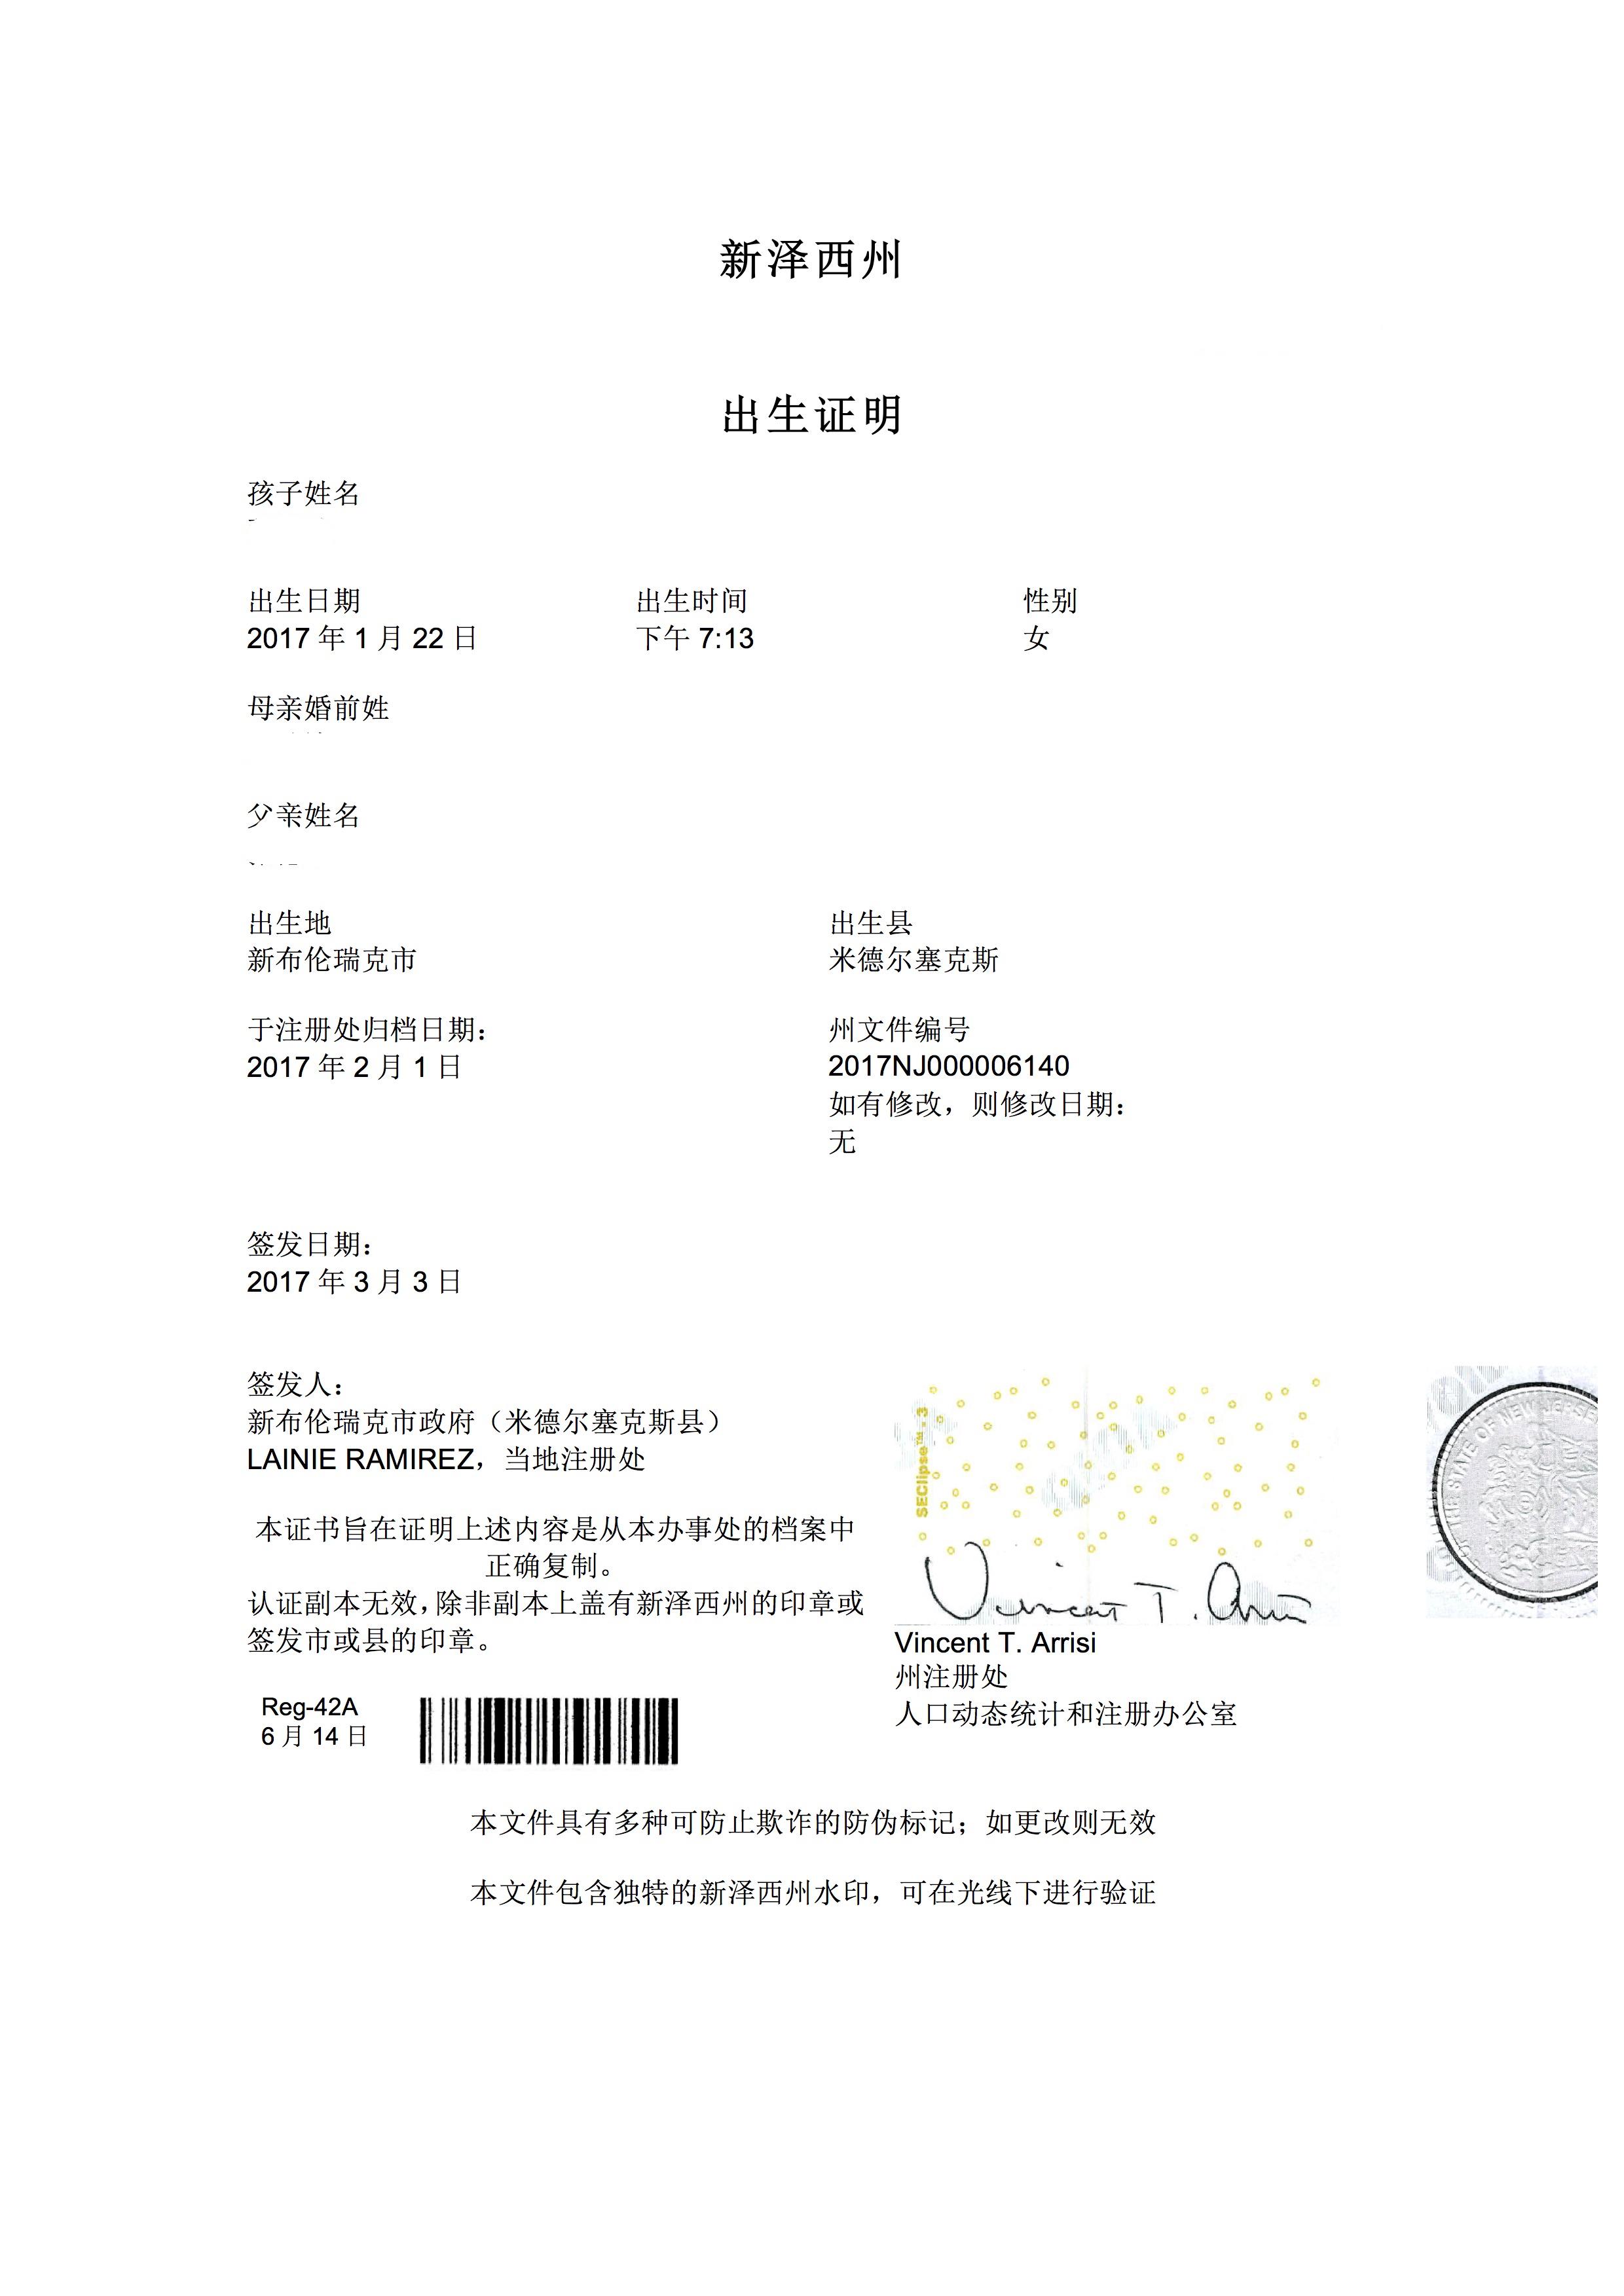 1 - 新泽西出生证翻译盖章